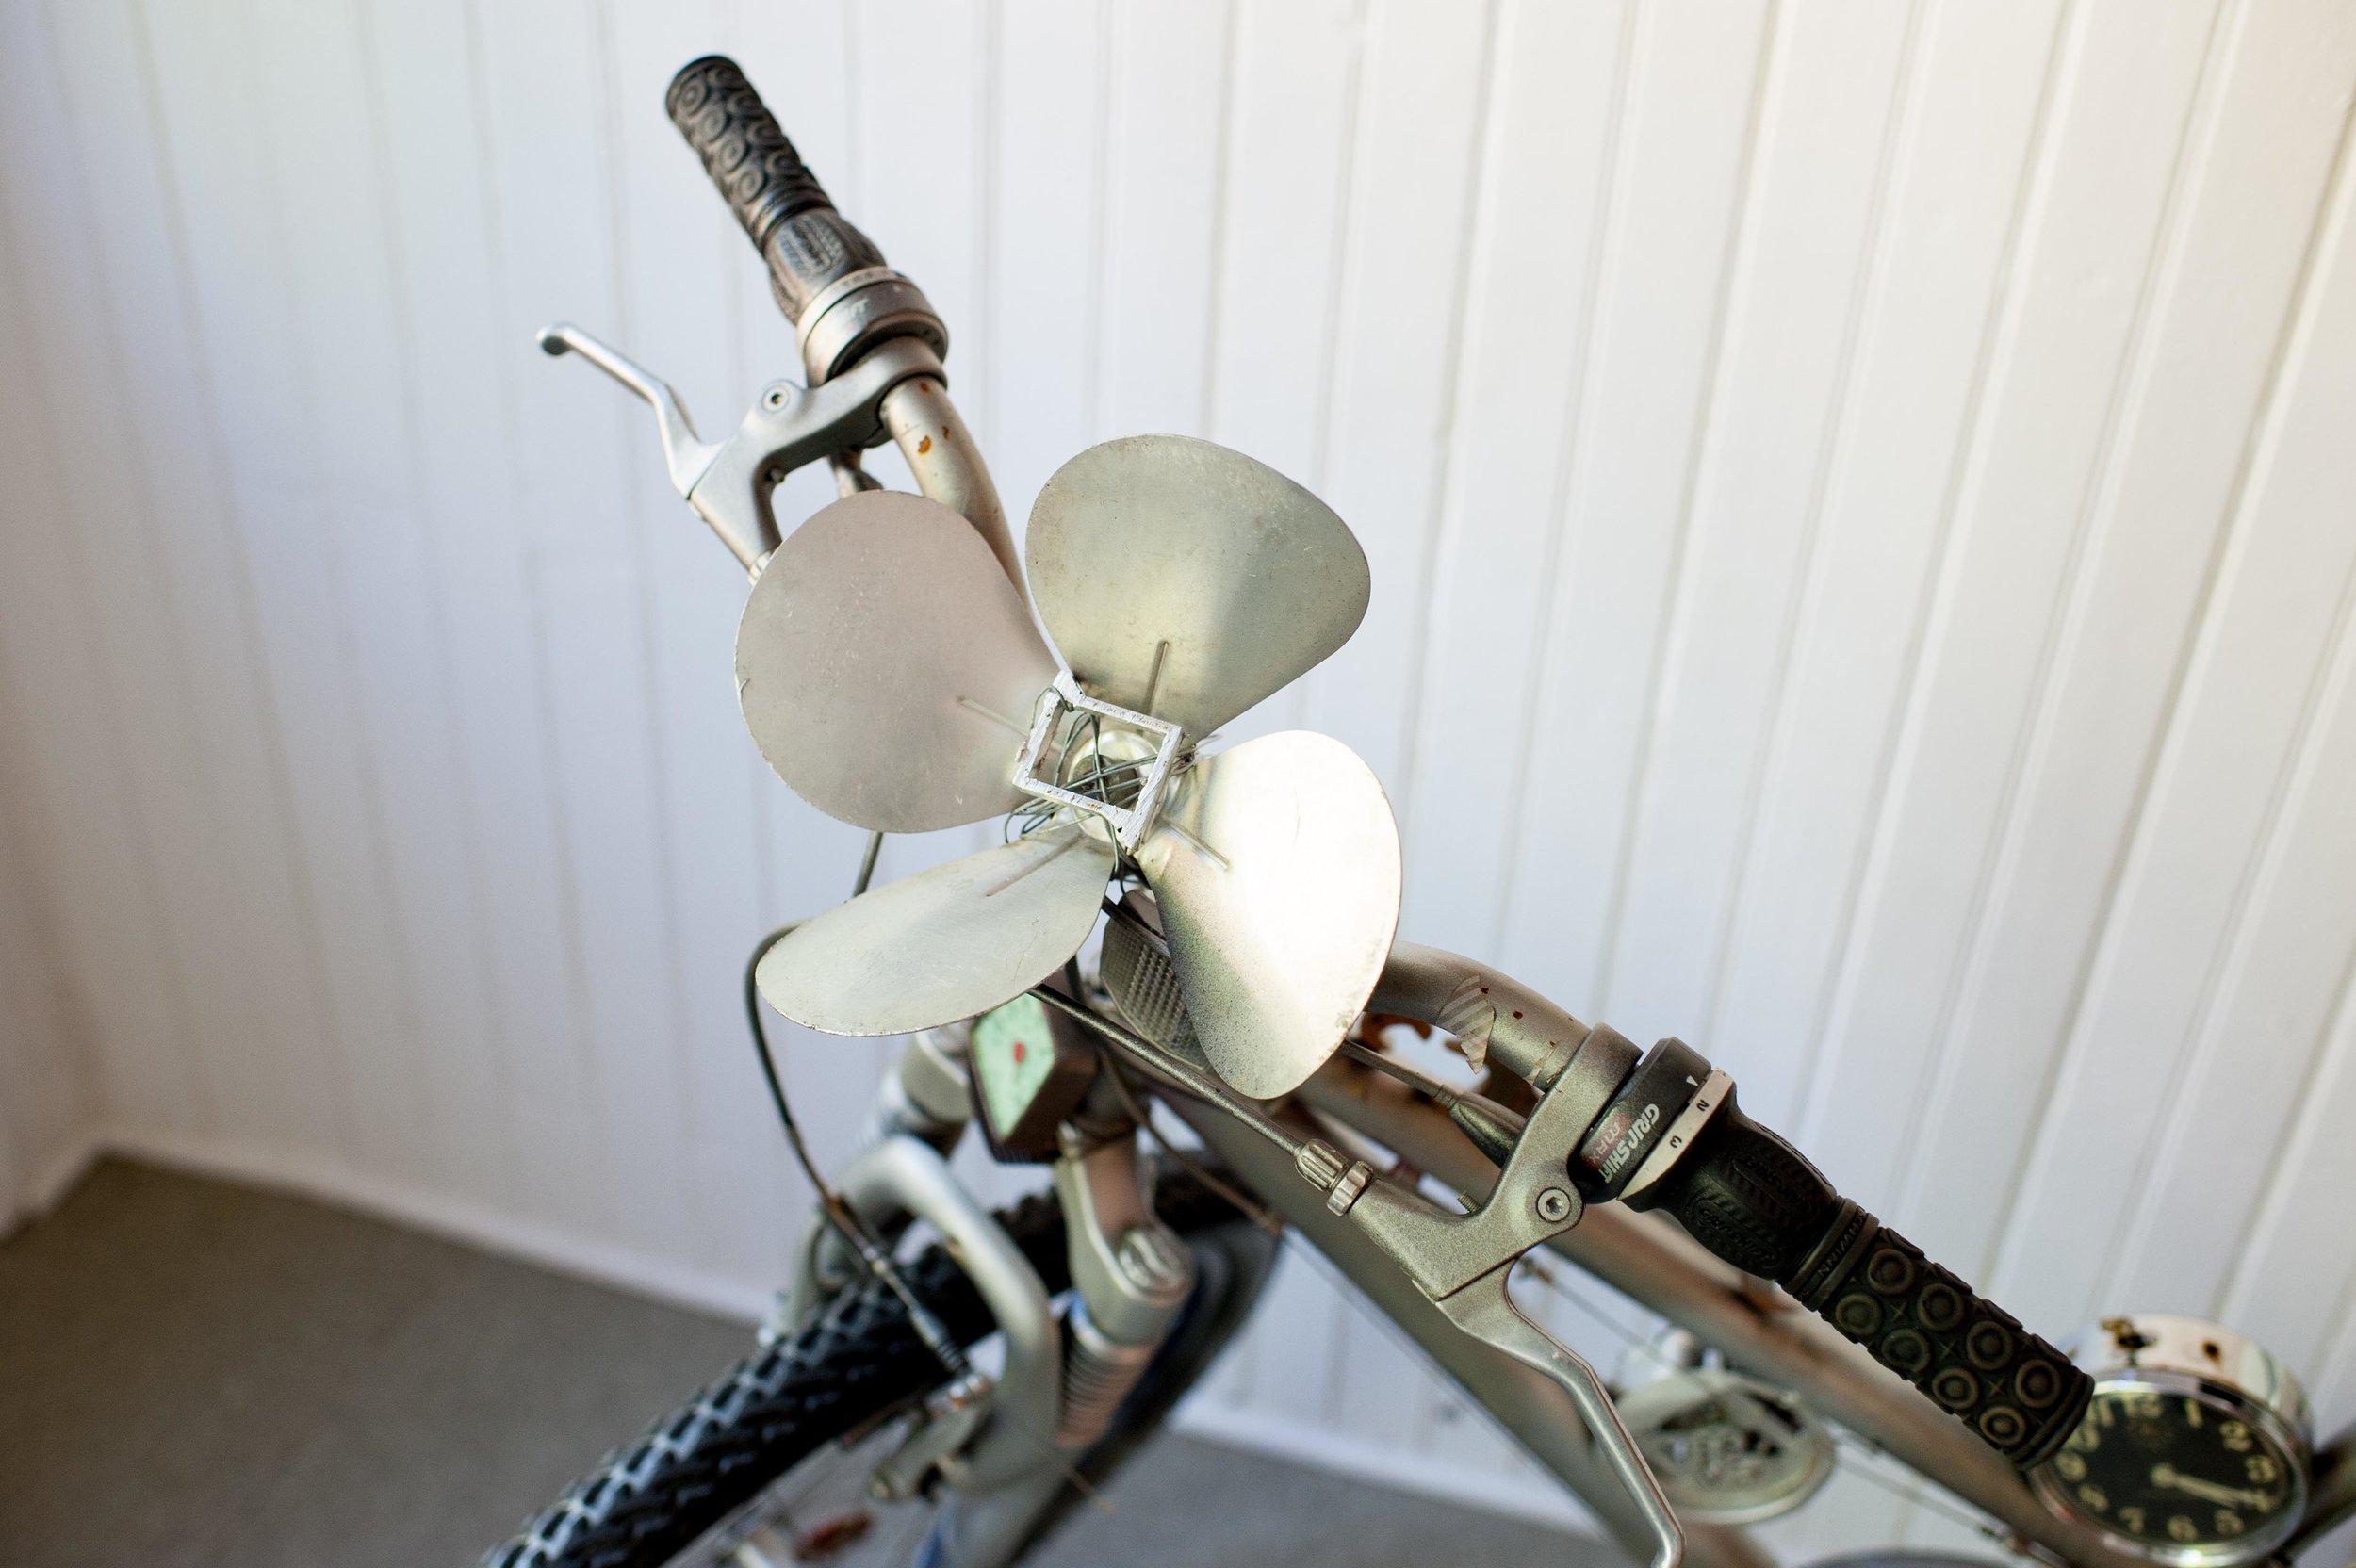 art_bike-35.jpg